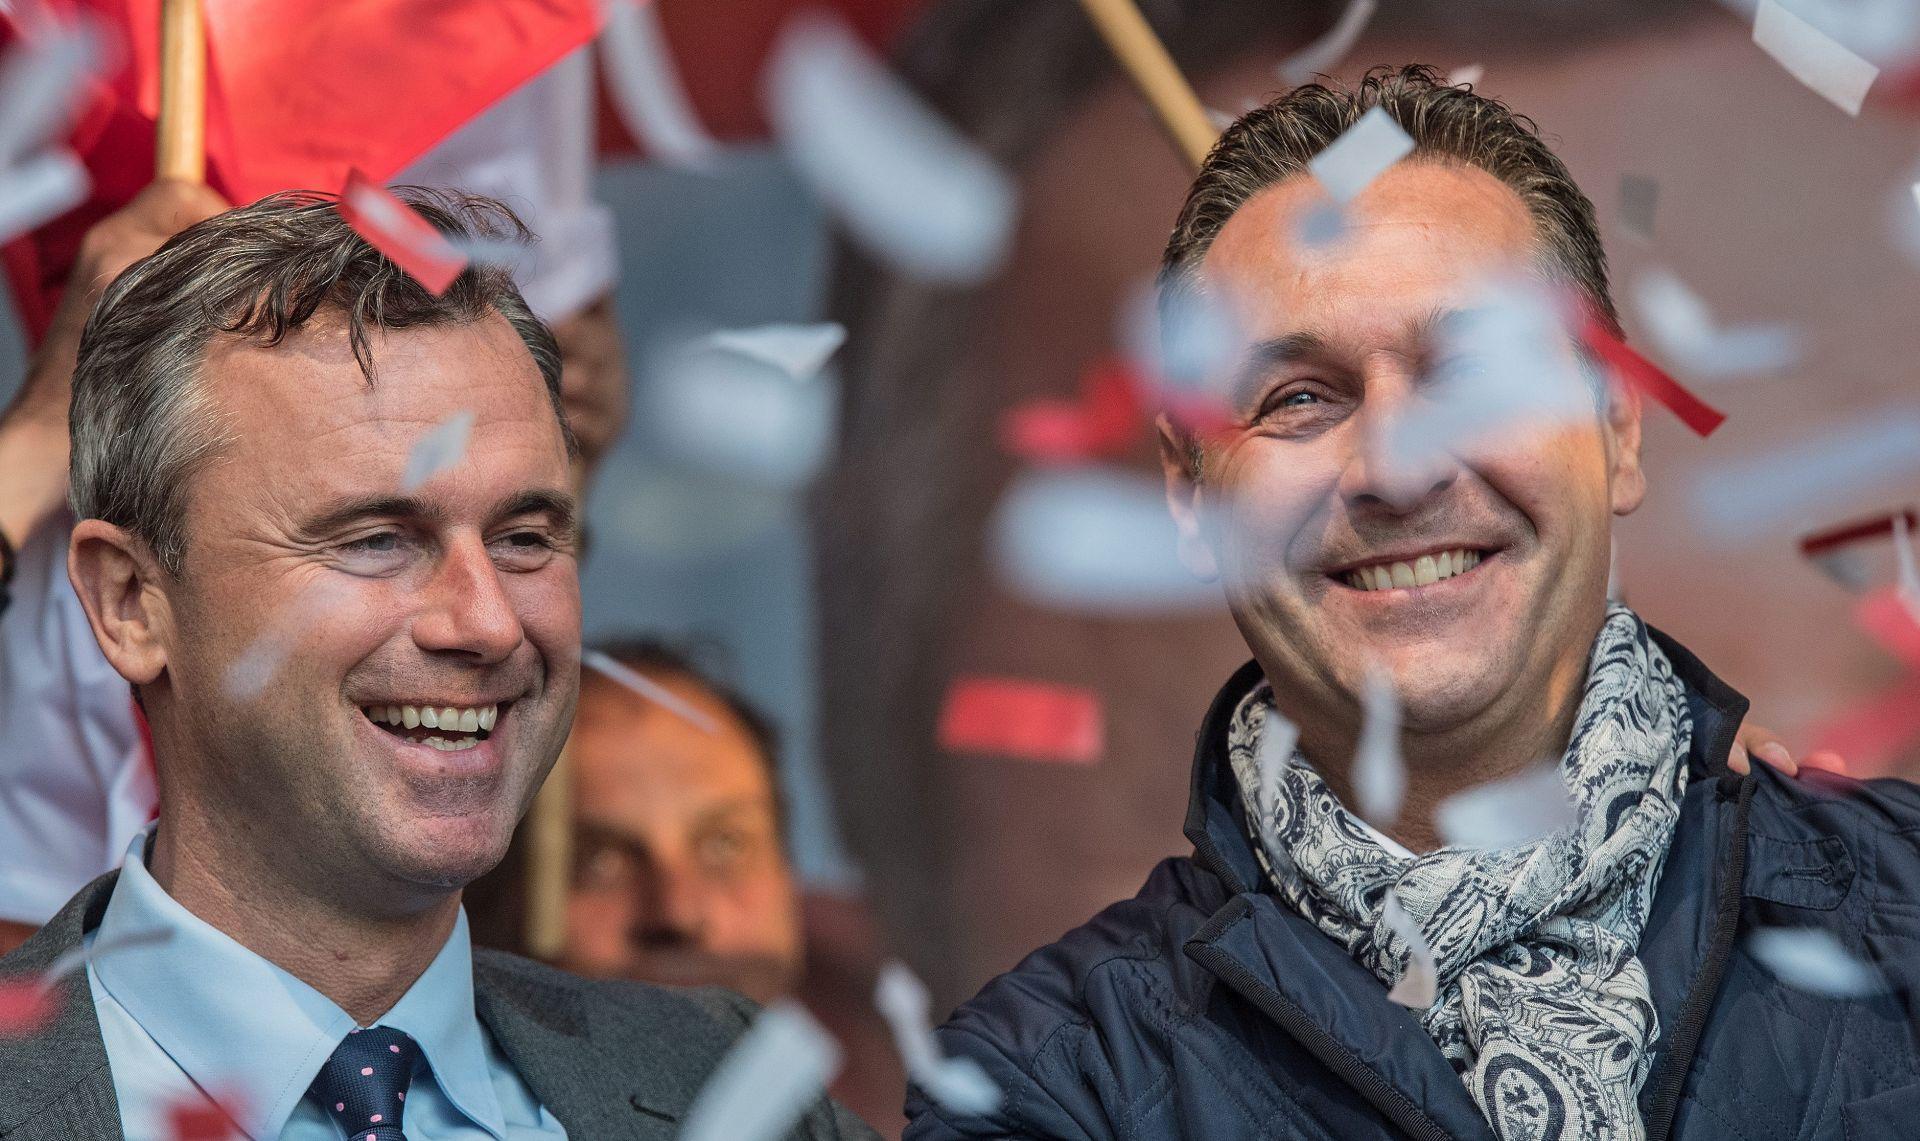 SKRETANJE UDESNO? Austrija bira predsjednika